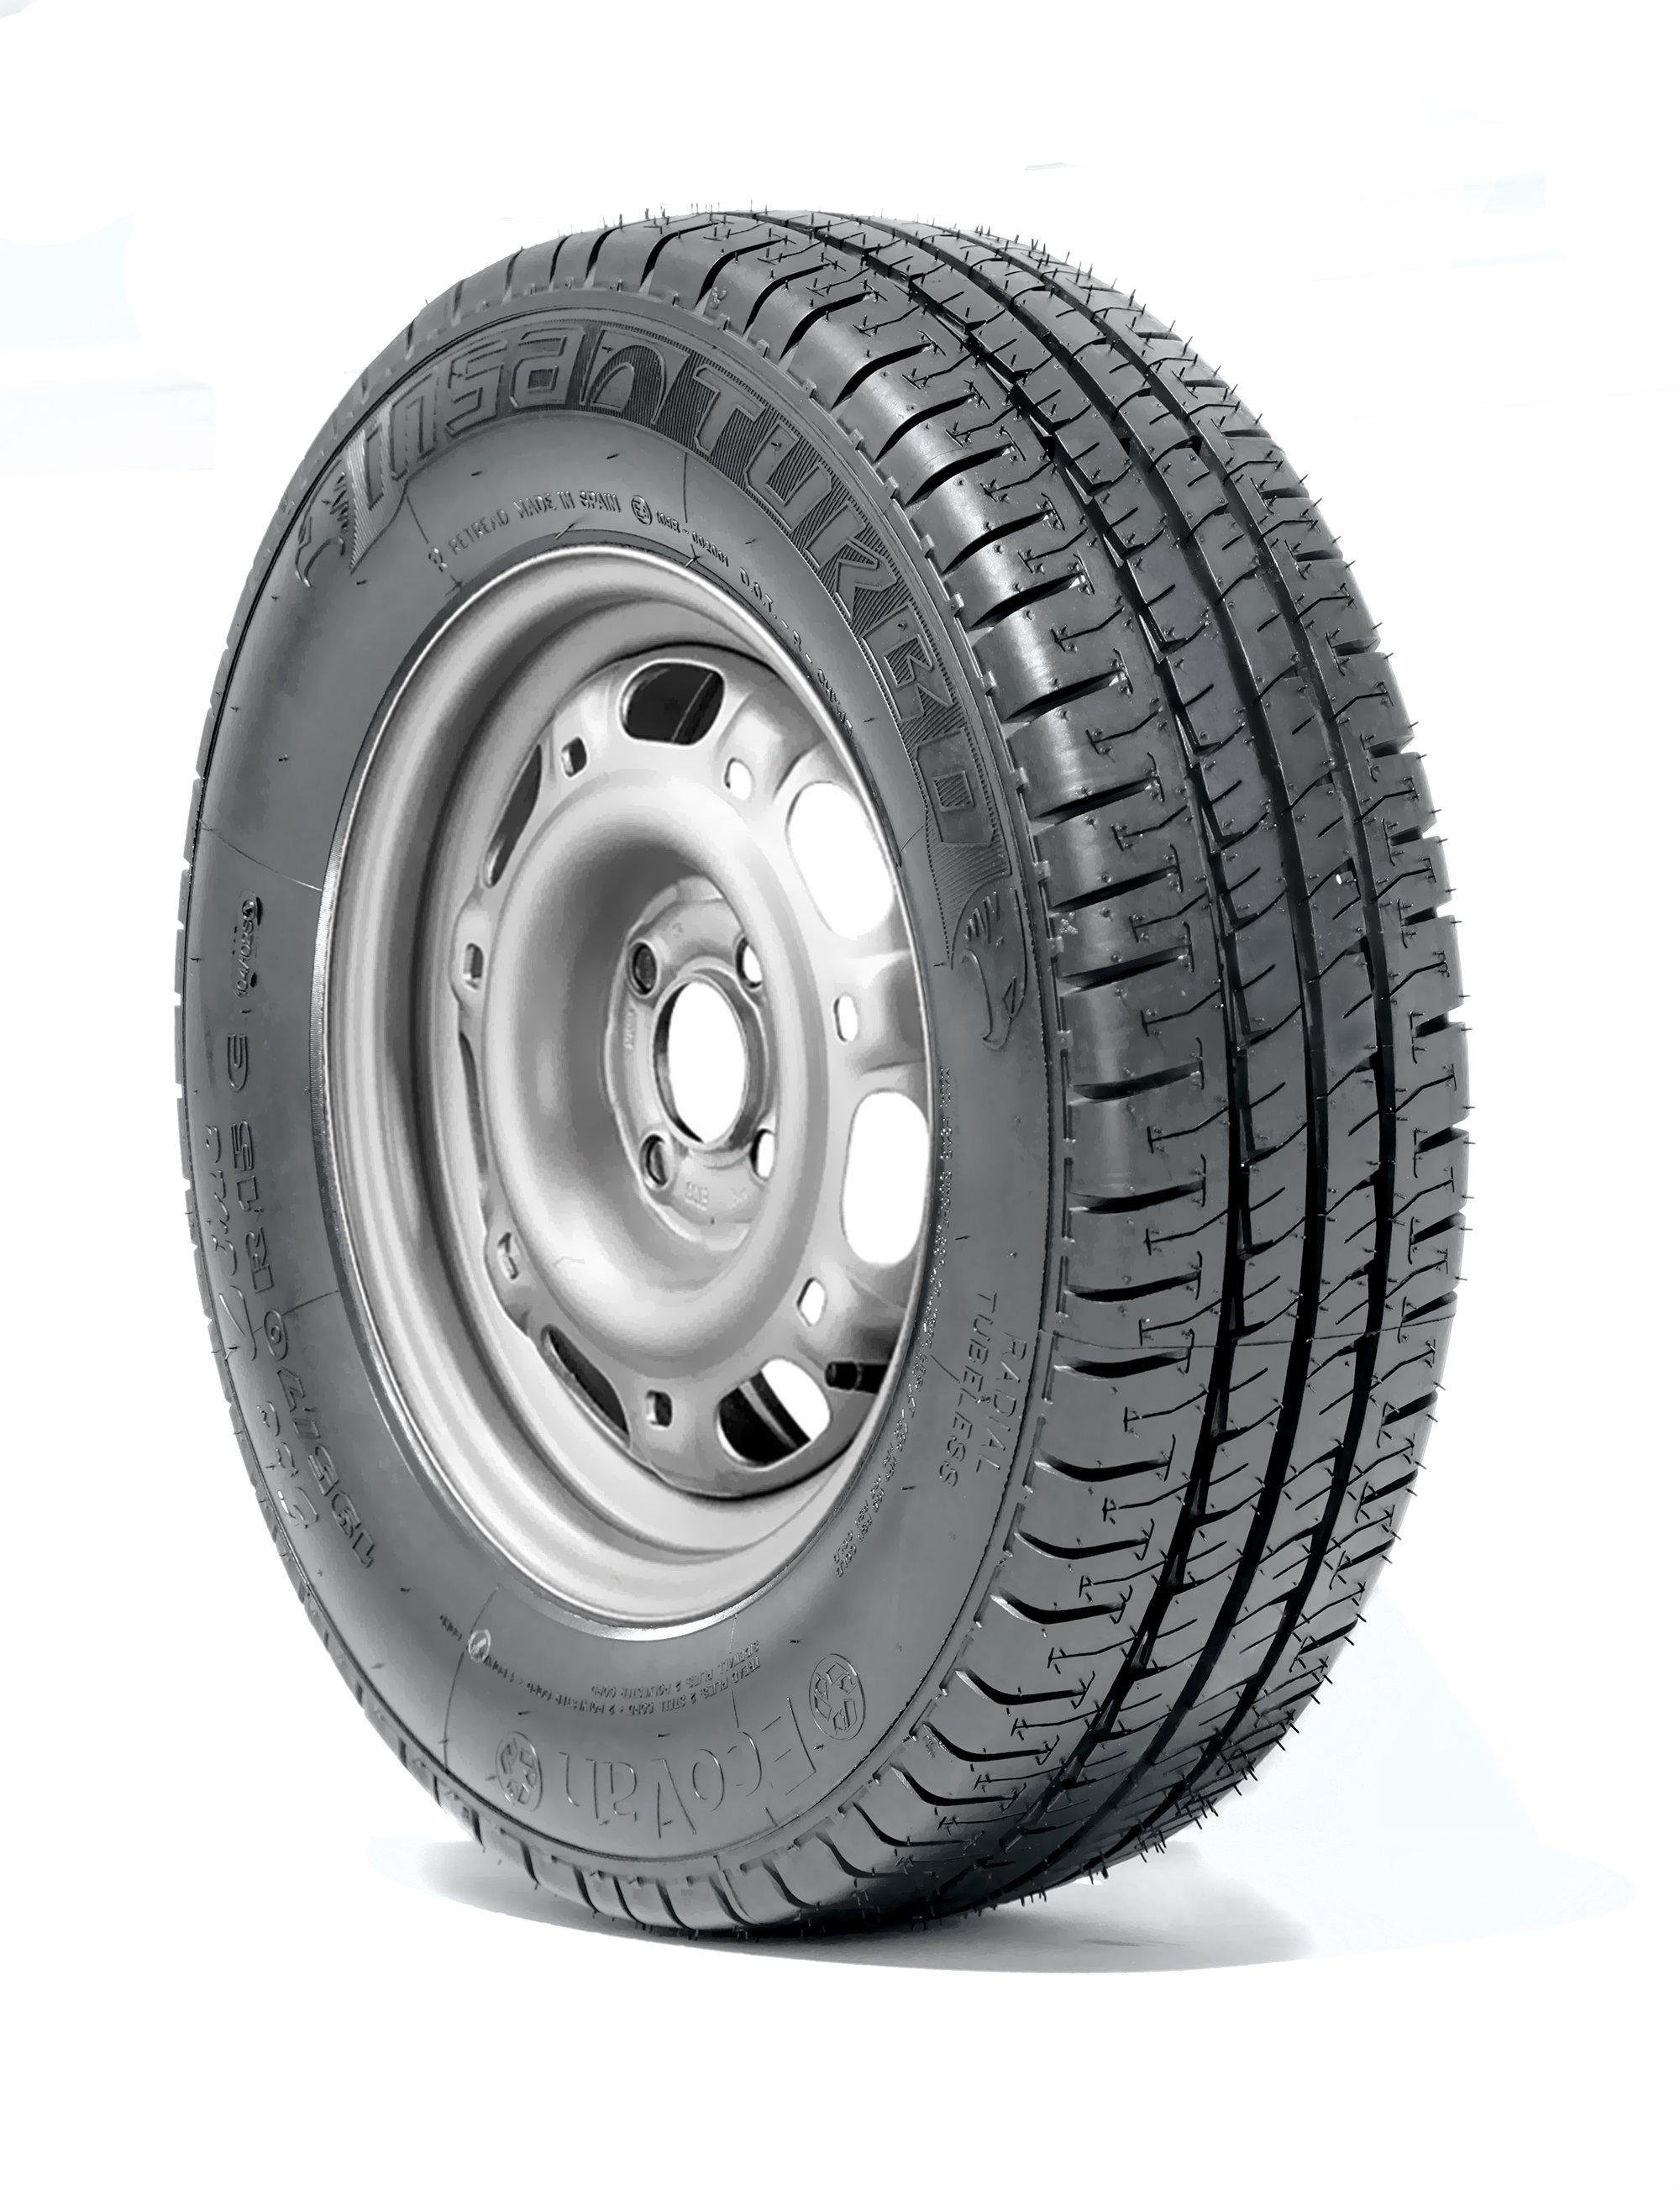 insa-turbo-ecovan-205-75r16110r